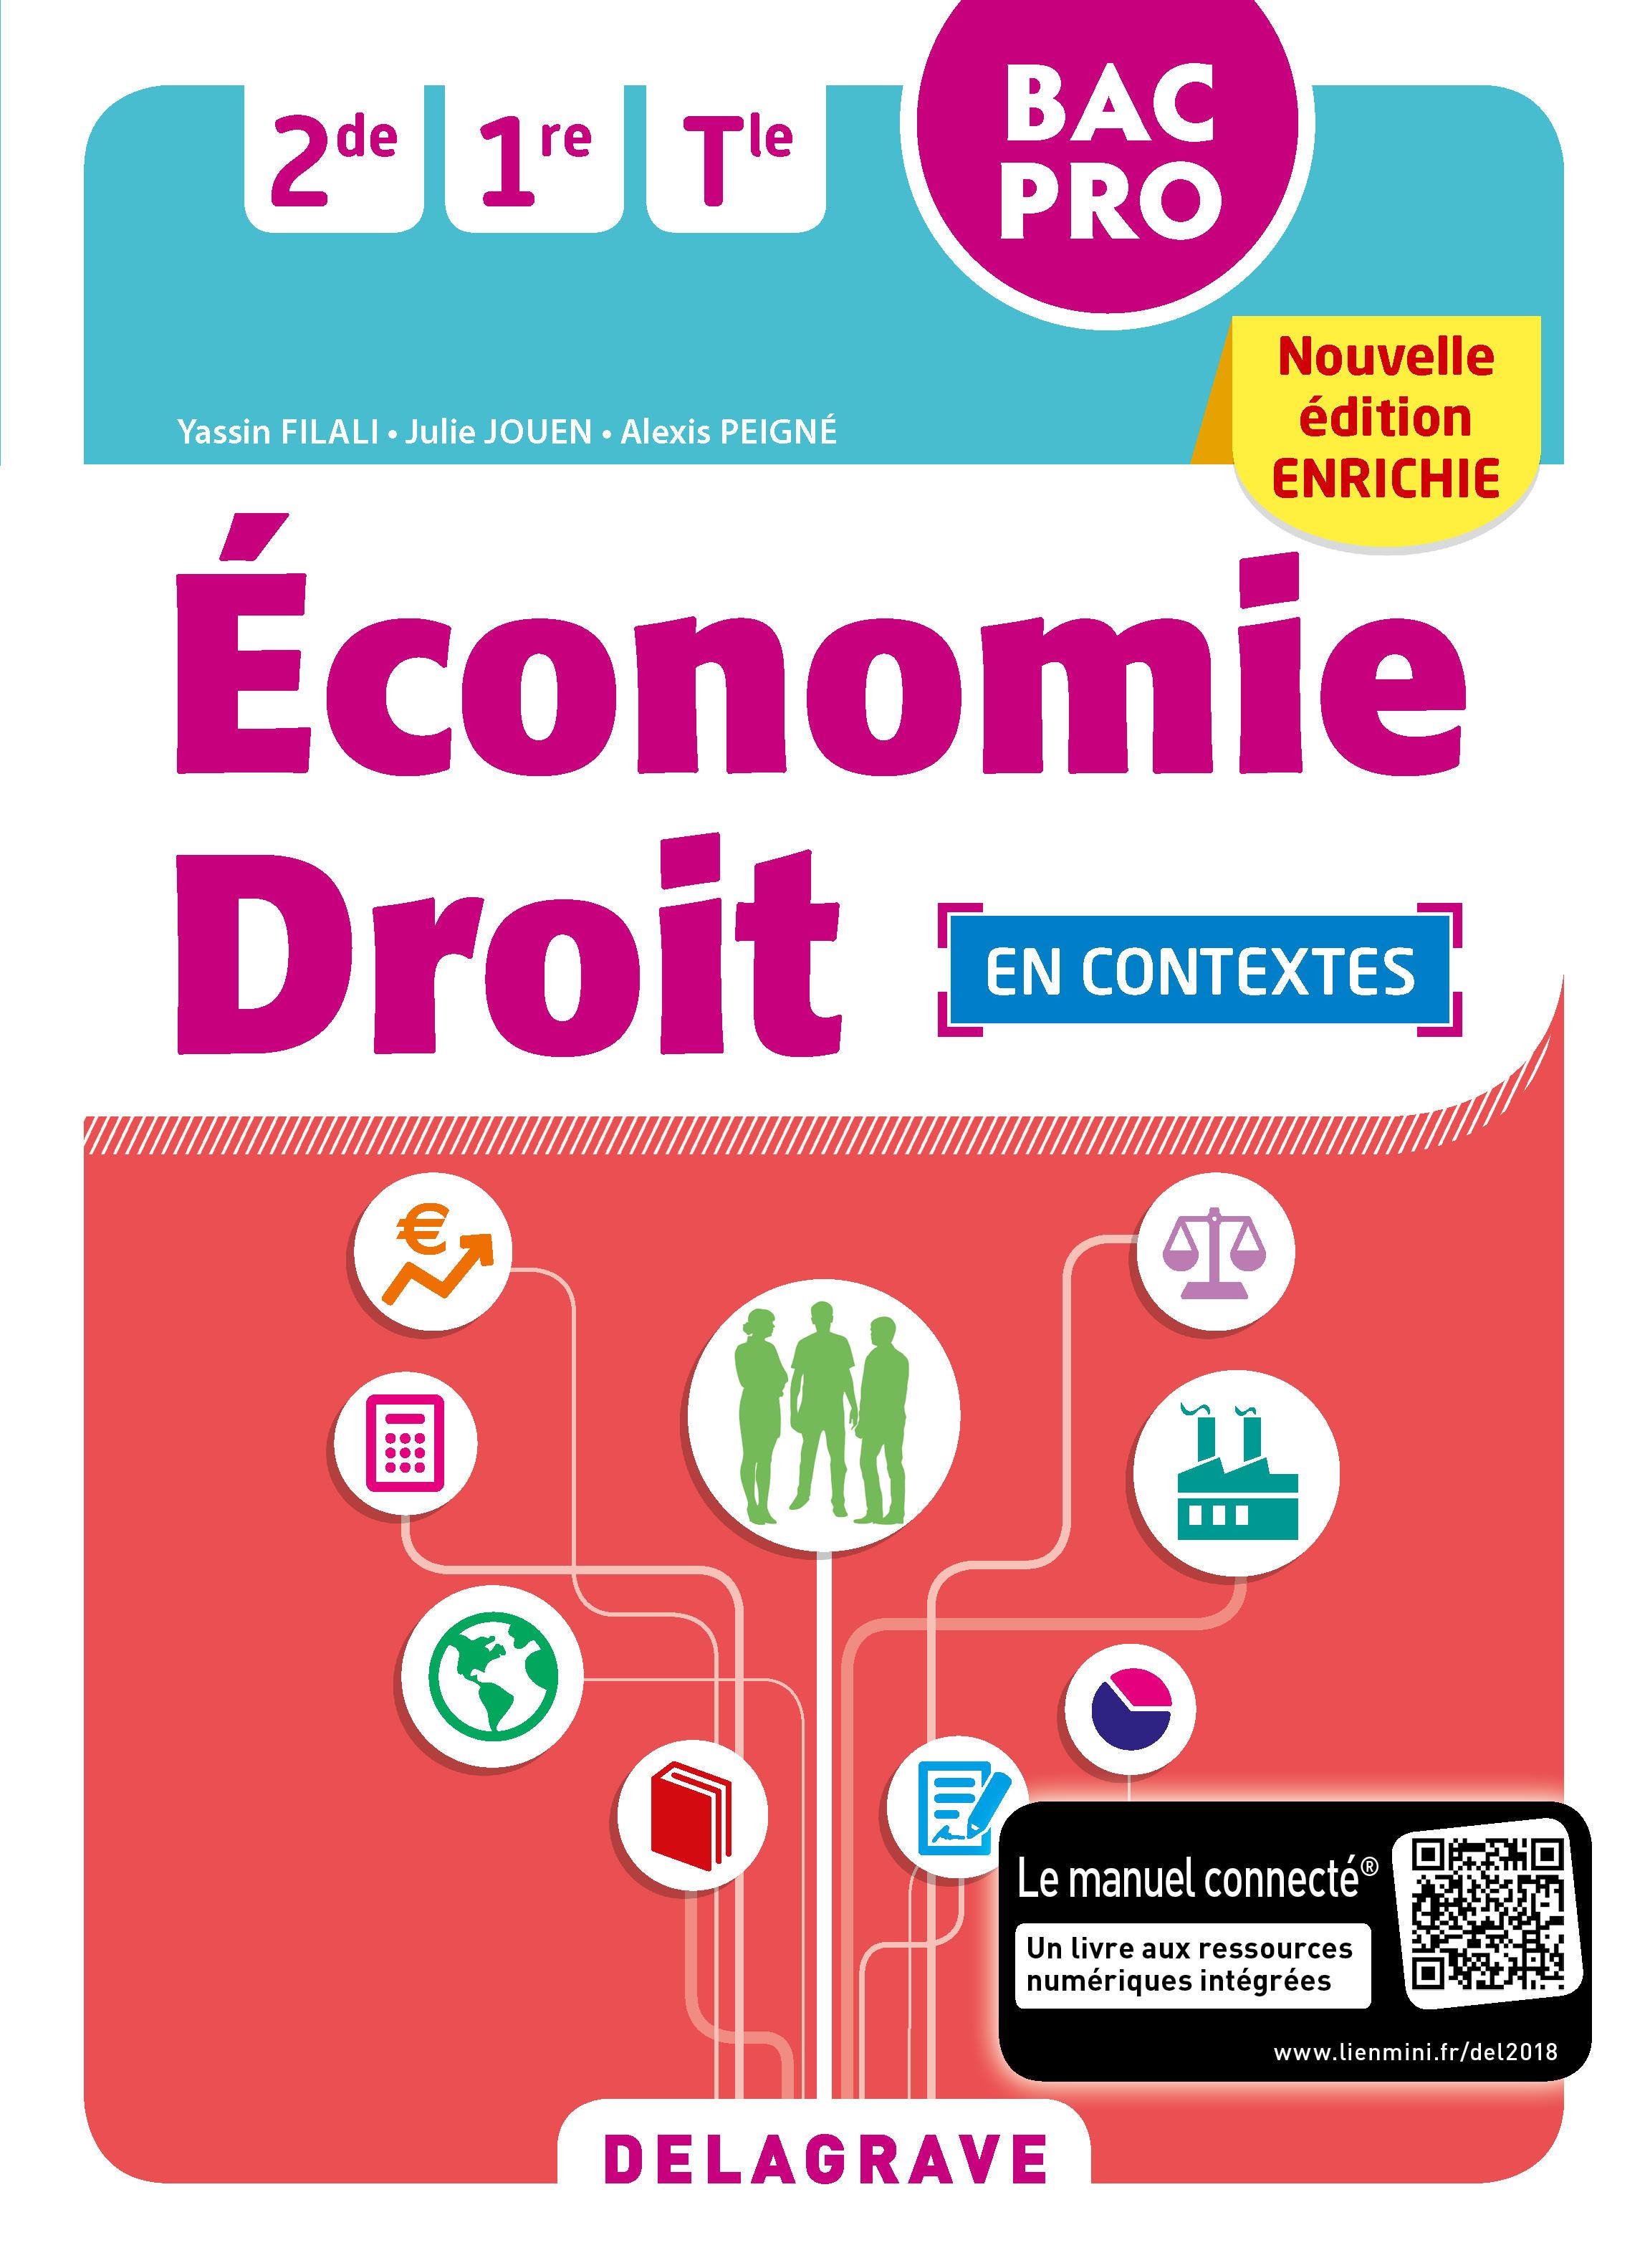 Economie Droit 2de 1re Tle Bac Pro 2018 Pochette Eleve